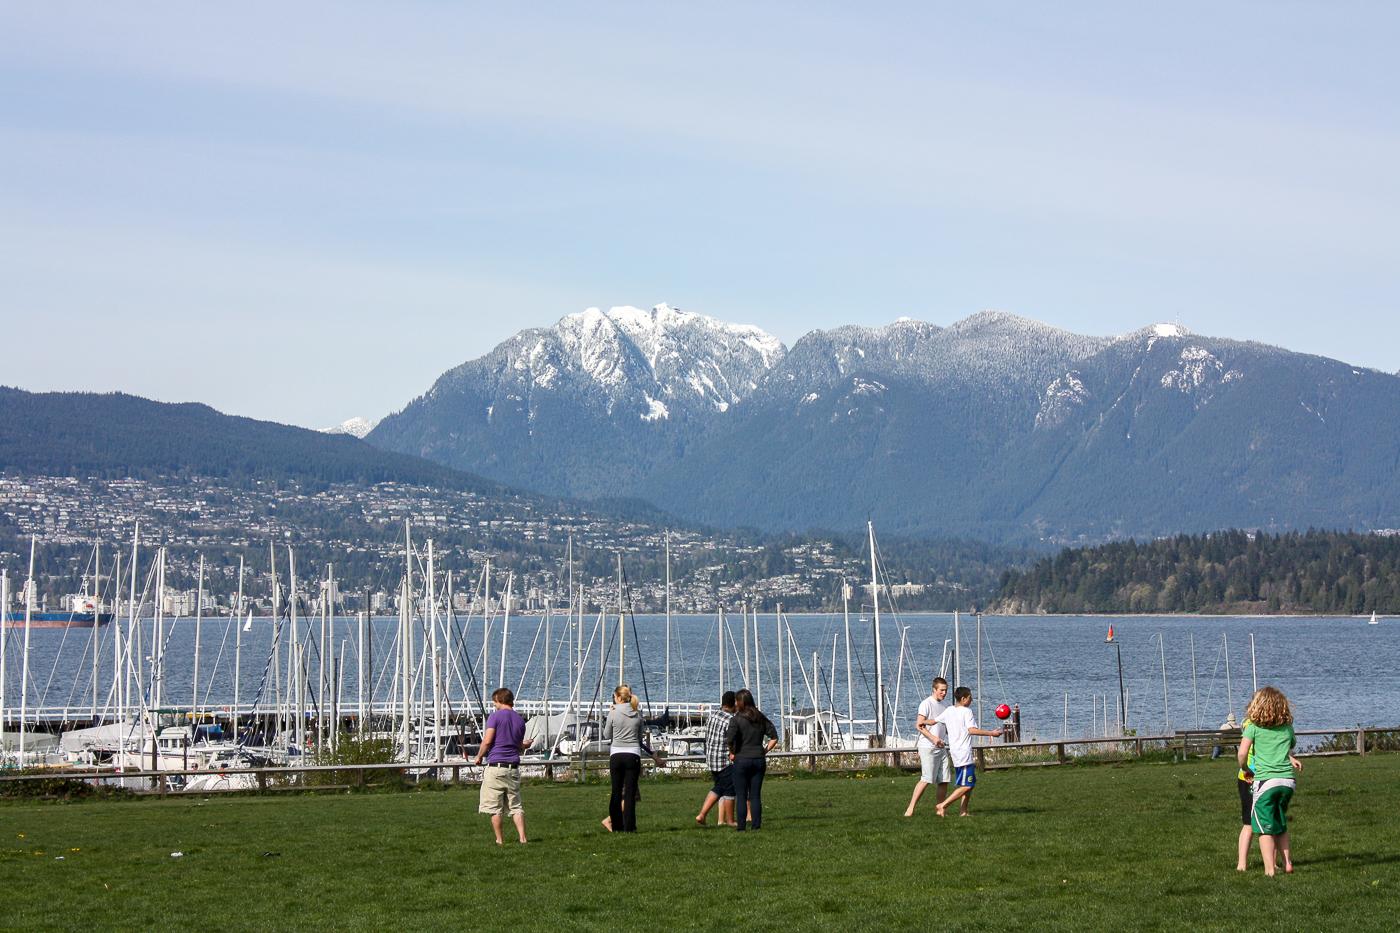 Vue de Jericho Beach, Vancouver